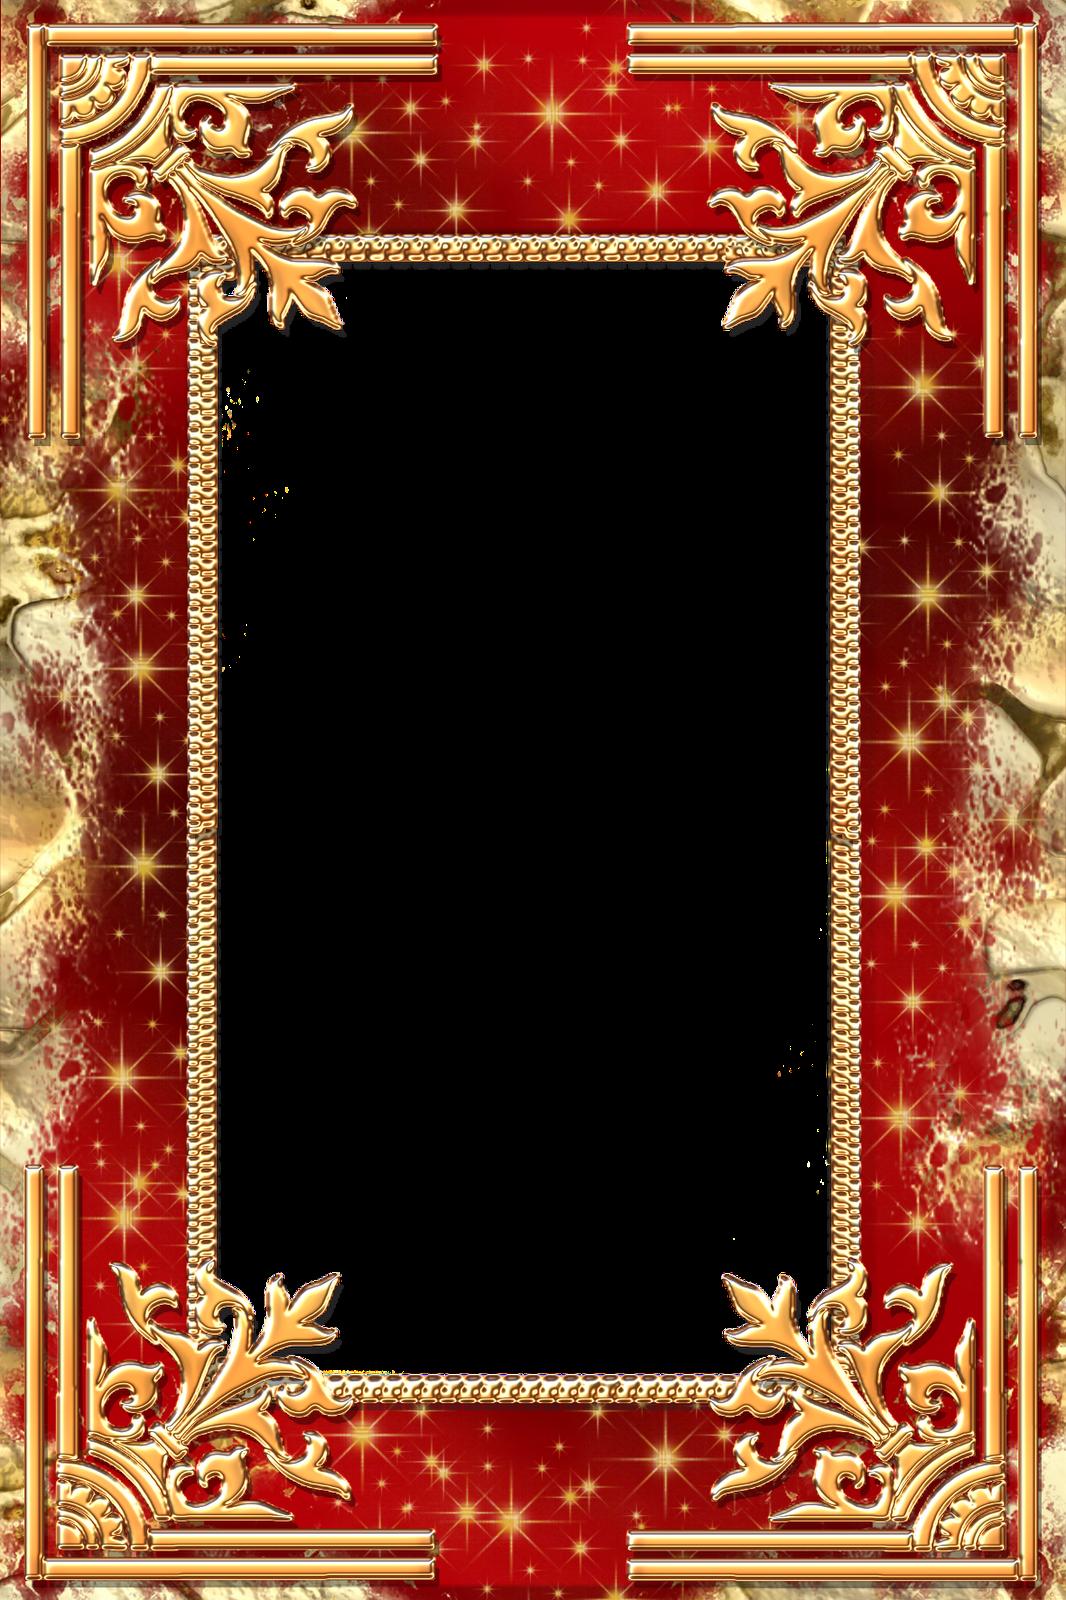 frames com flores. Graduation frame png